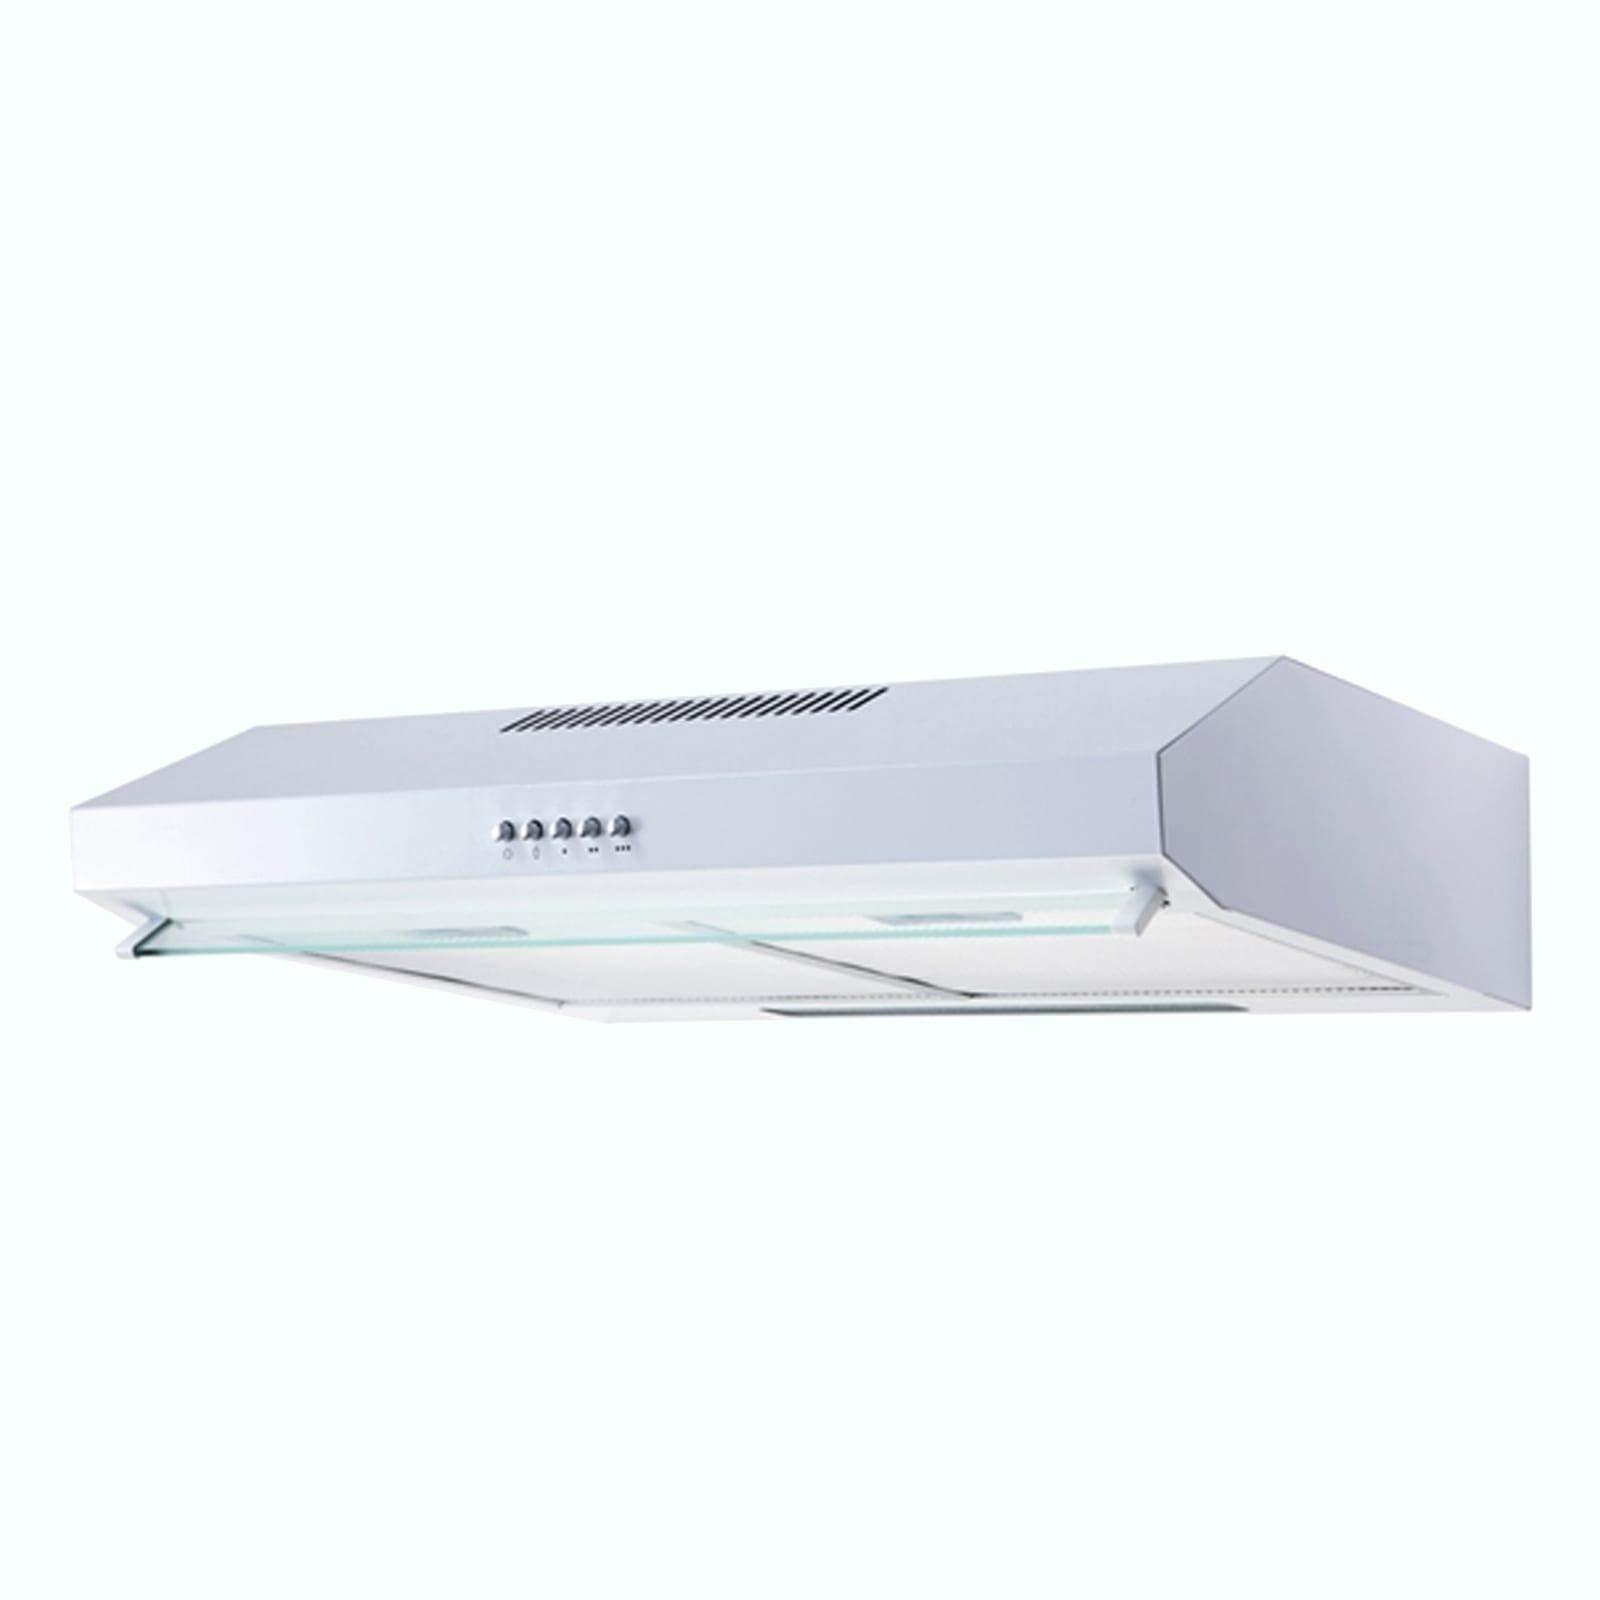 SIA STH50WH - Extractor de campana extractora (50 cm), color blanco: Amazon.es: Grandes electrodomésticos